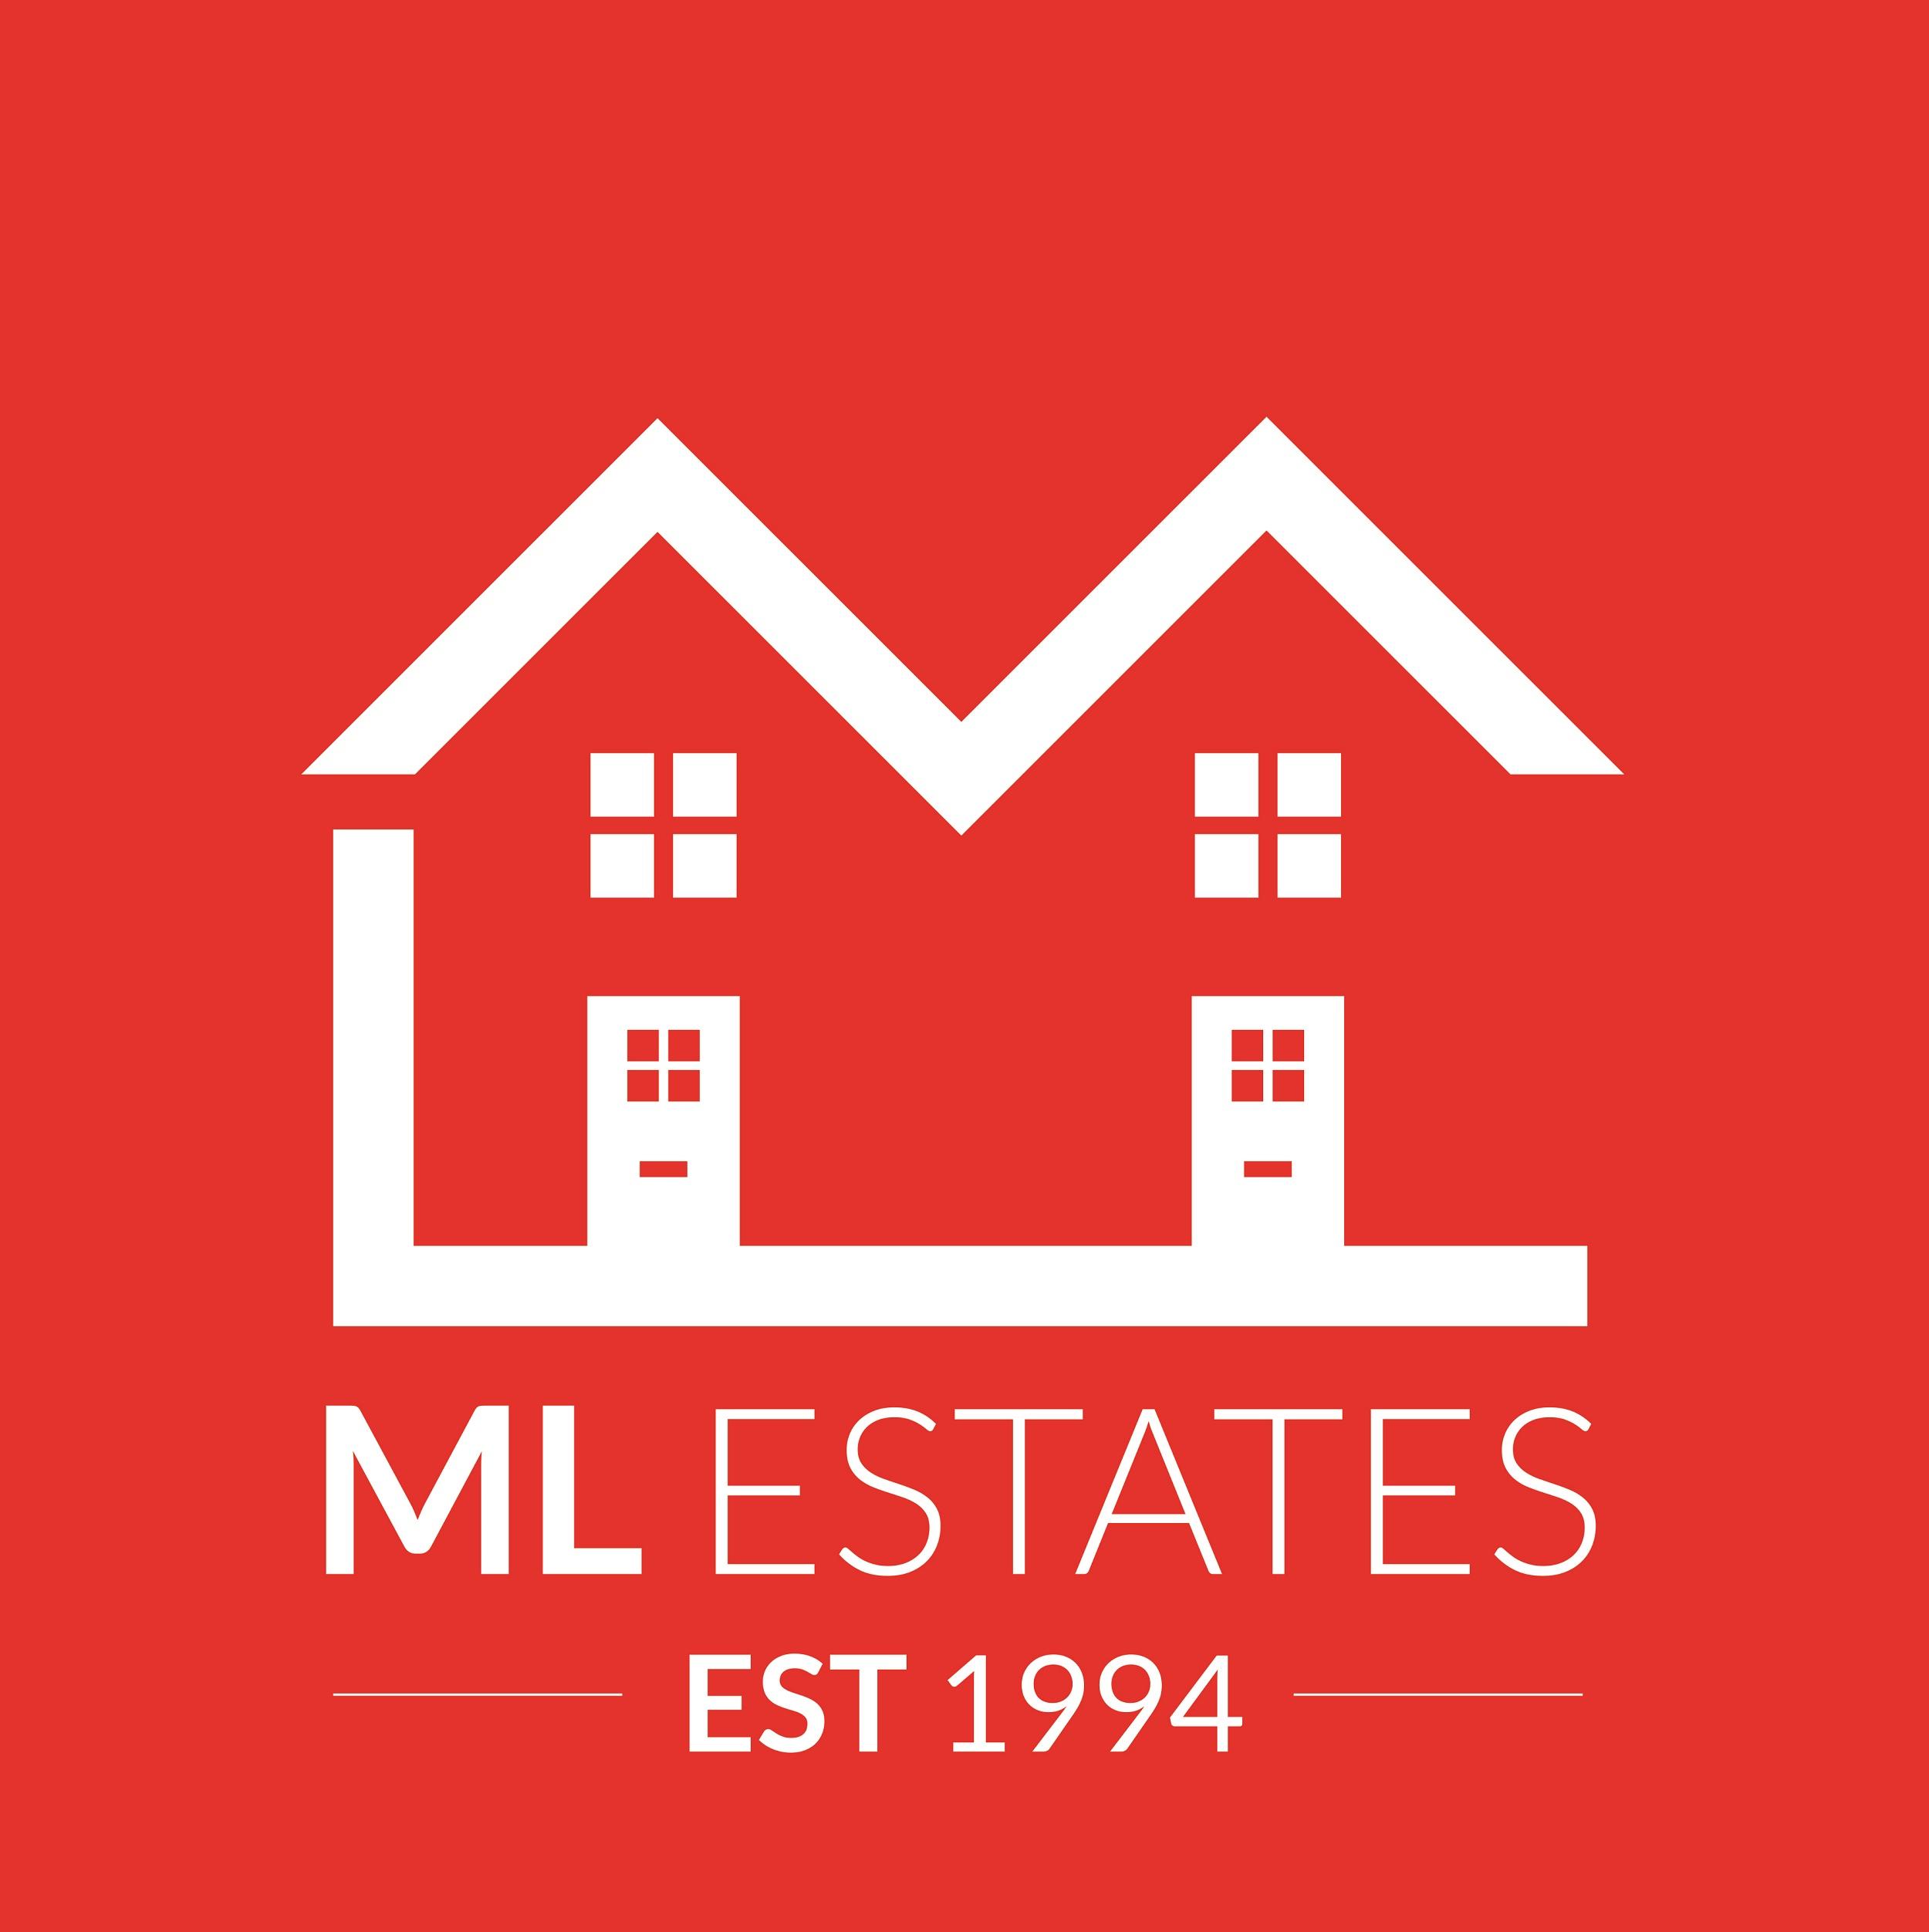 M L Estates